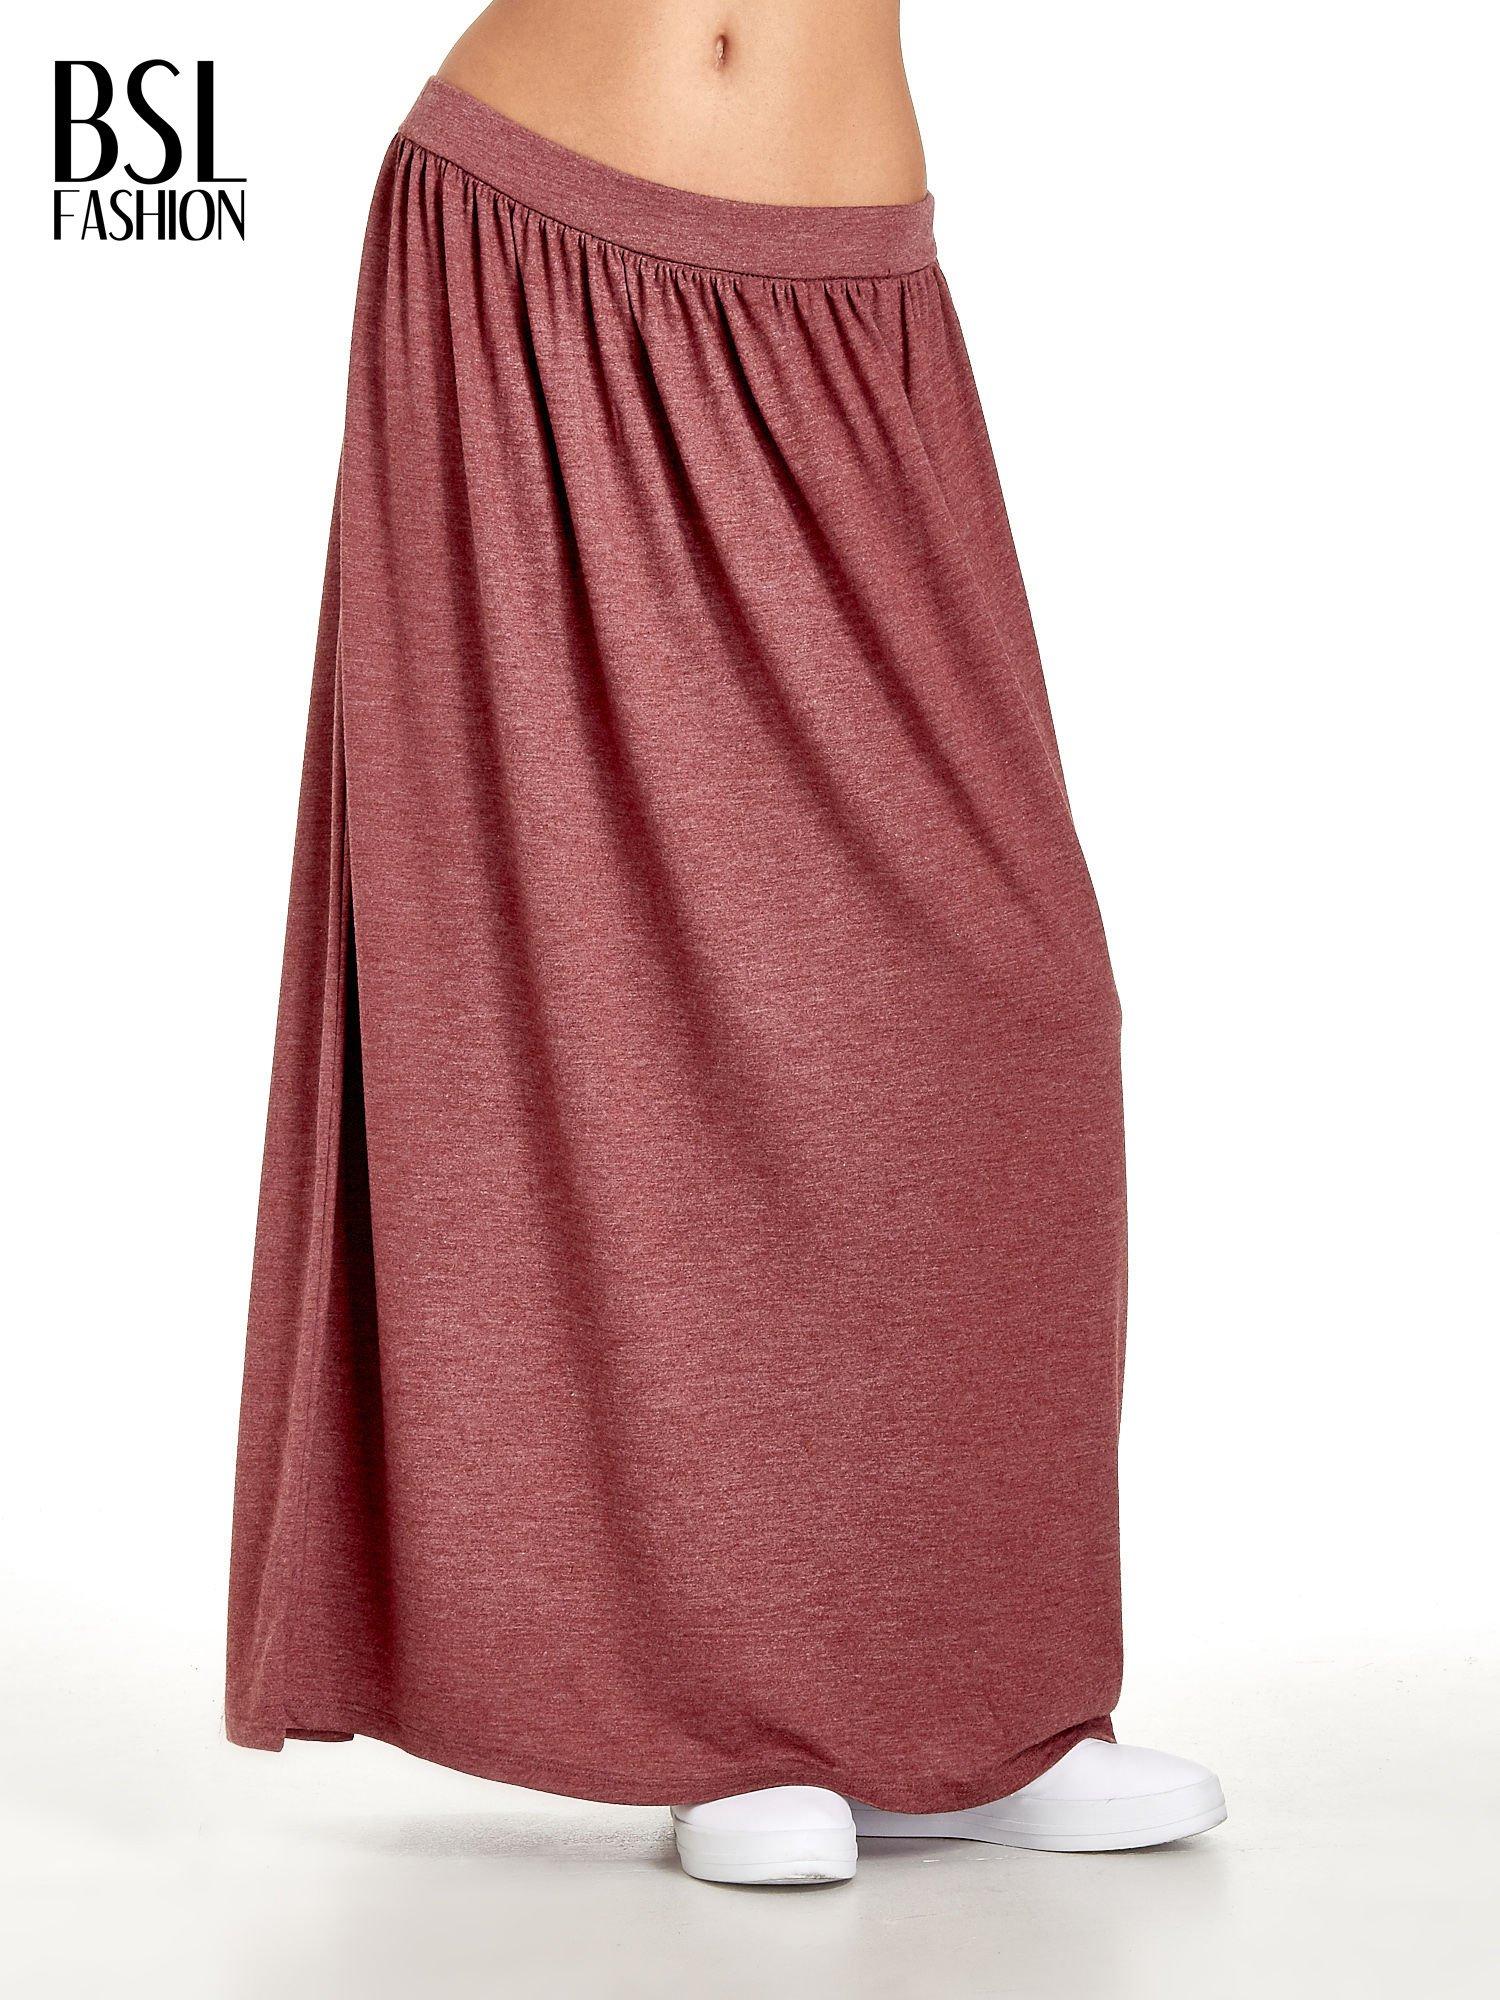 Bordowa długa spódnica maxi                                  zdj.                                  1